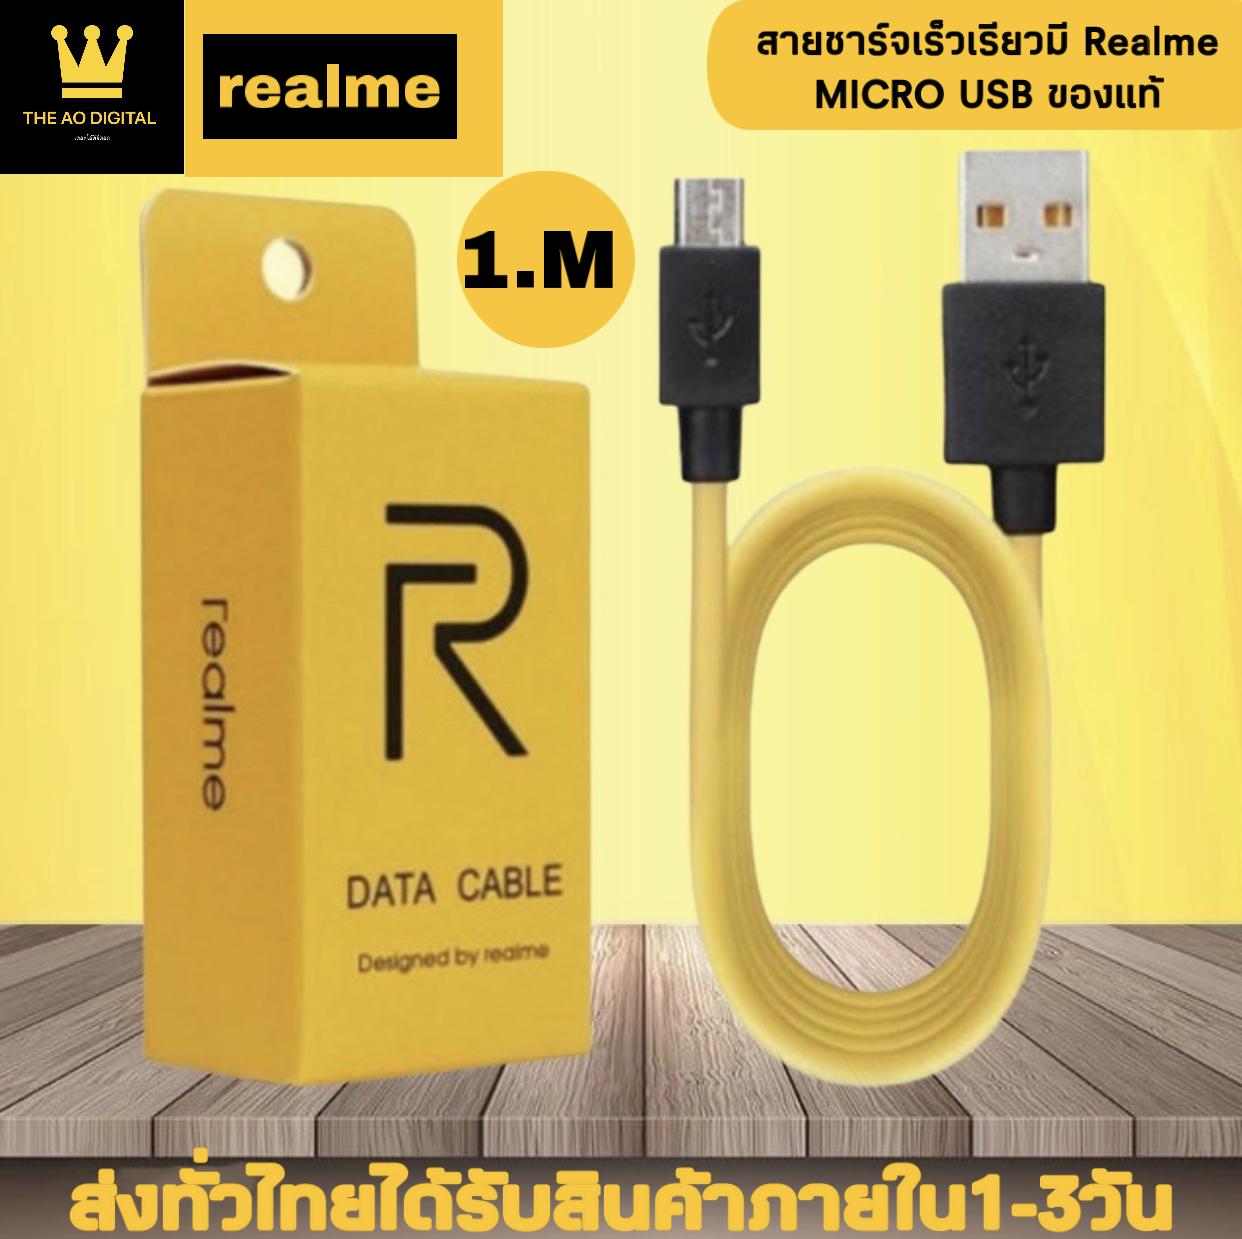 สายชาร์จrealme Micro ของแท้100% เทคโนโลยีชาร์จเร็ว ใช้ได้กับรุ่น เรียวมี5/ 5i, 5s/realmec2/c3/c17/c1/ รับประกัน1ปี By Theaodigital.